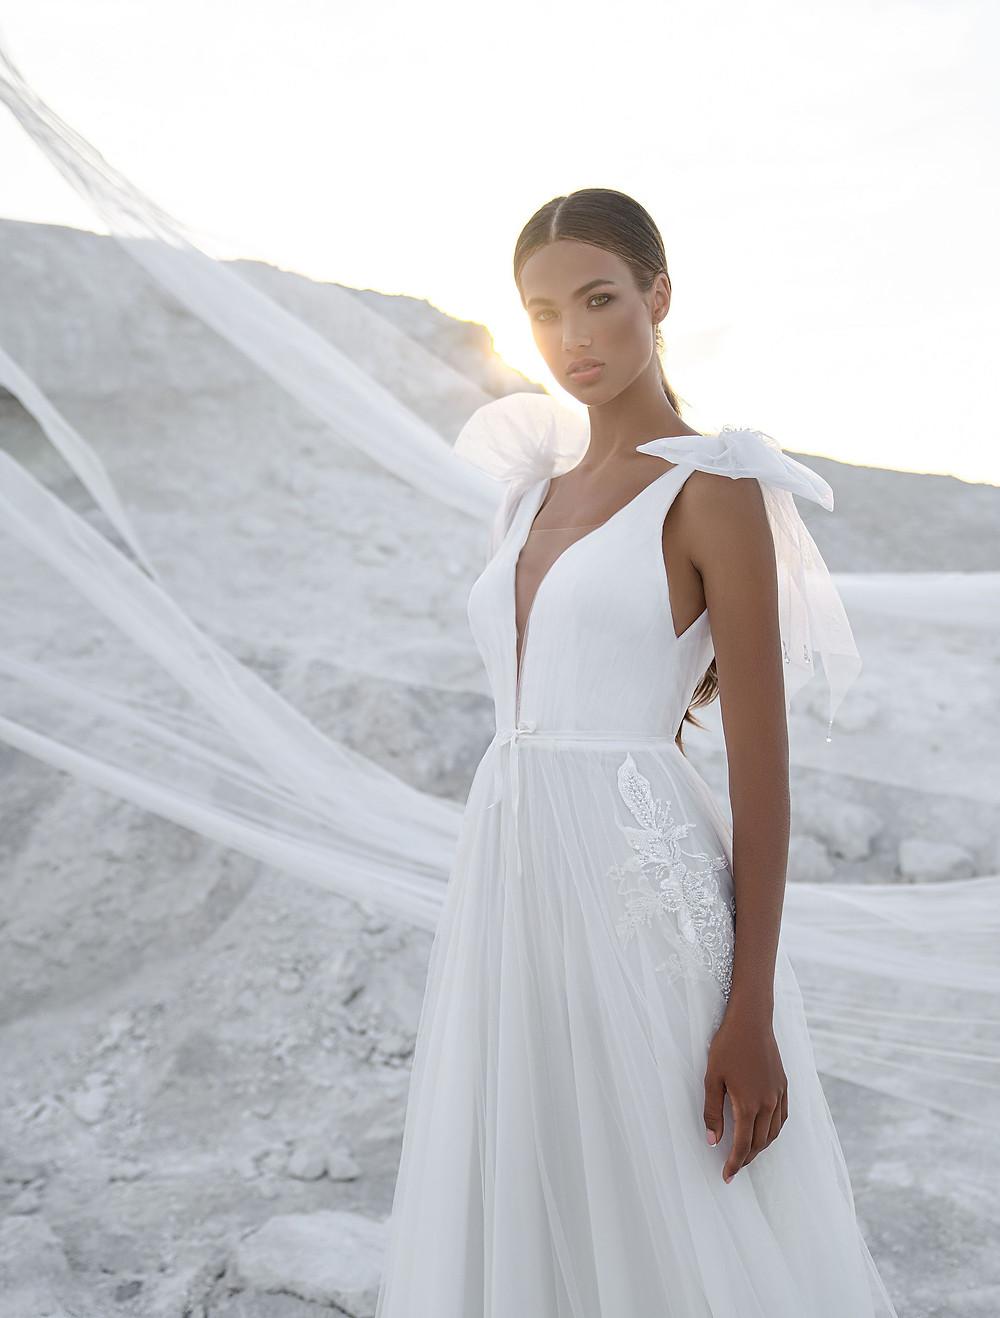 rochii de mireasa simple, rochii de mireasa A line, rochii de mireasa tip A, rochii de mireasa bucuresti